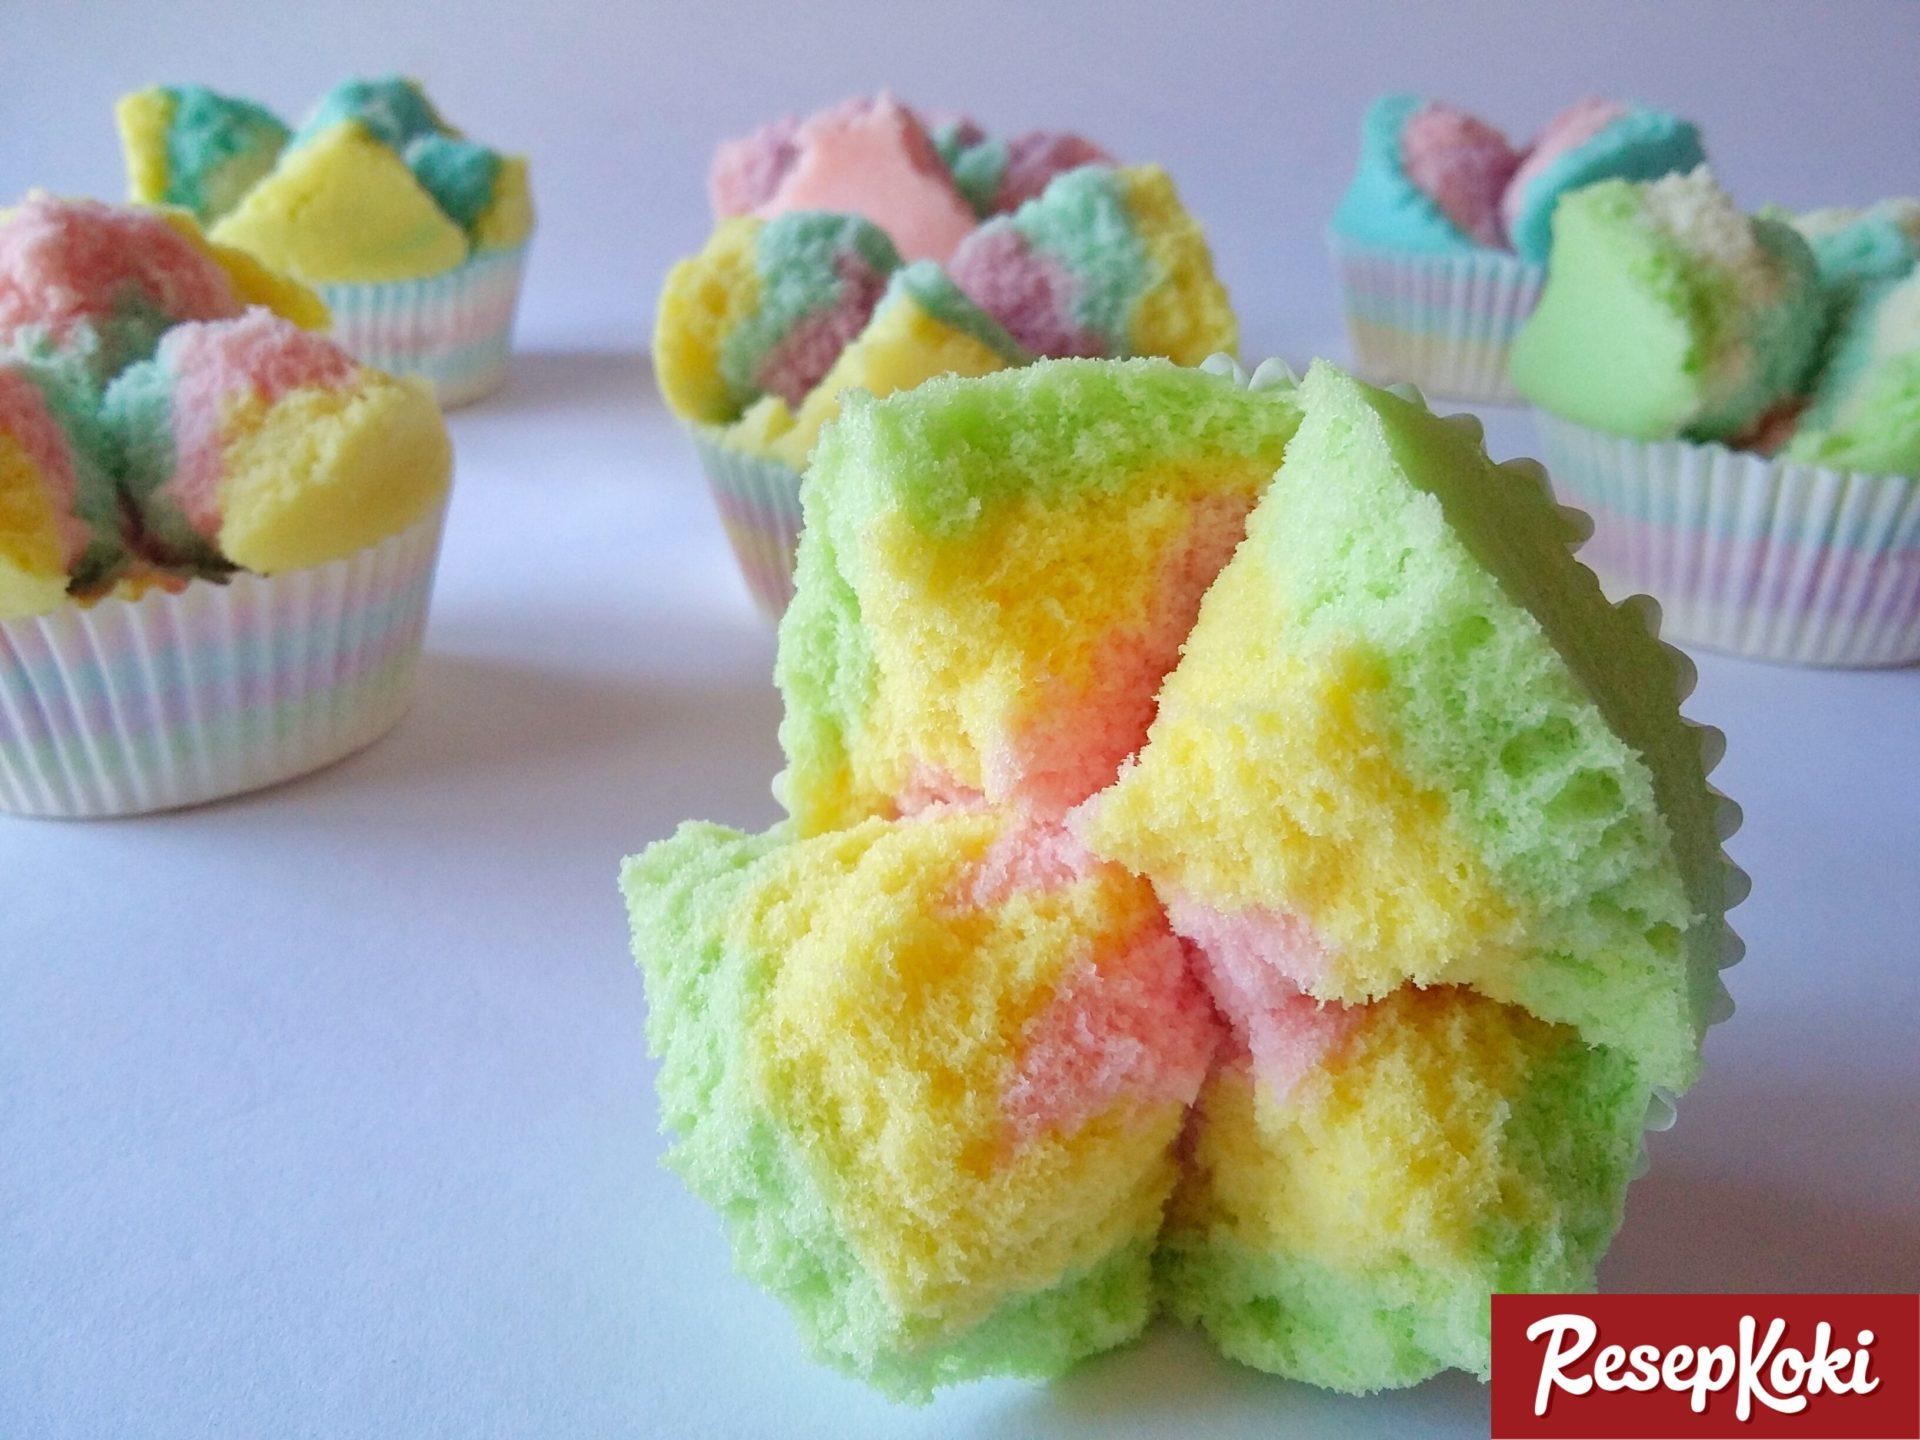 Resep Cake Kukus Praktis: Bolu Kukus Pelangi Mekar & Praktis - Resep